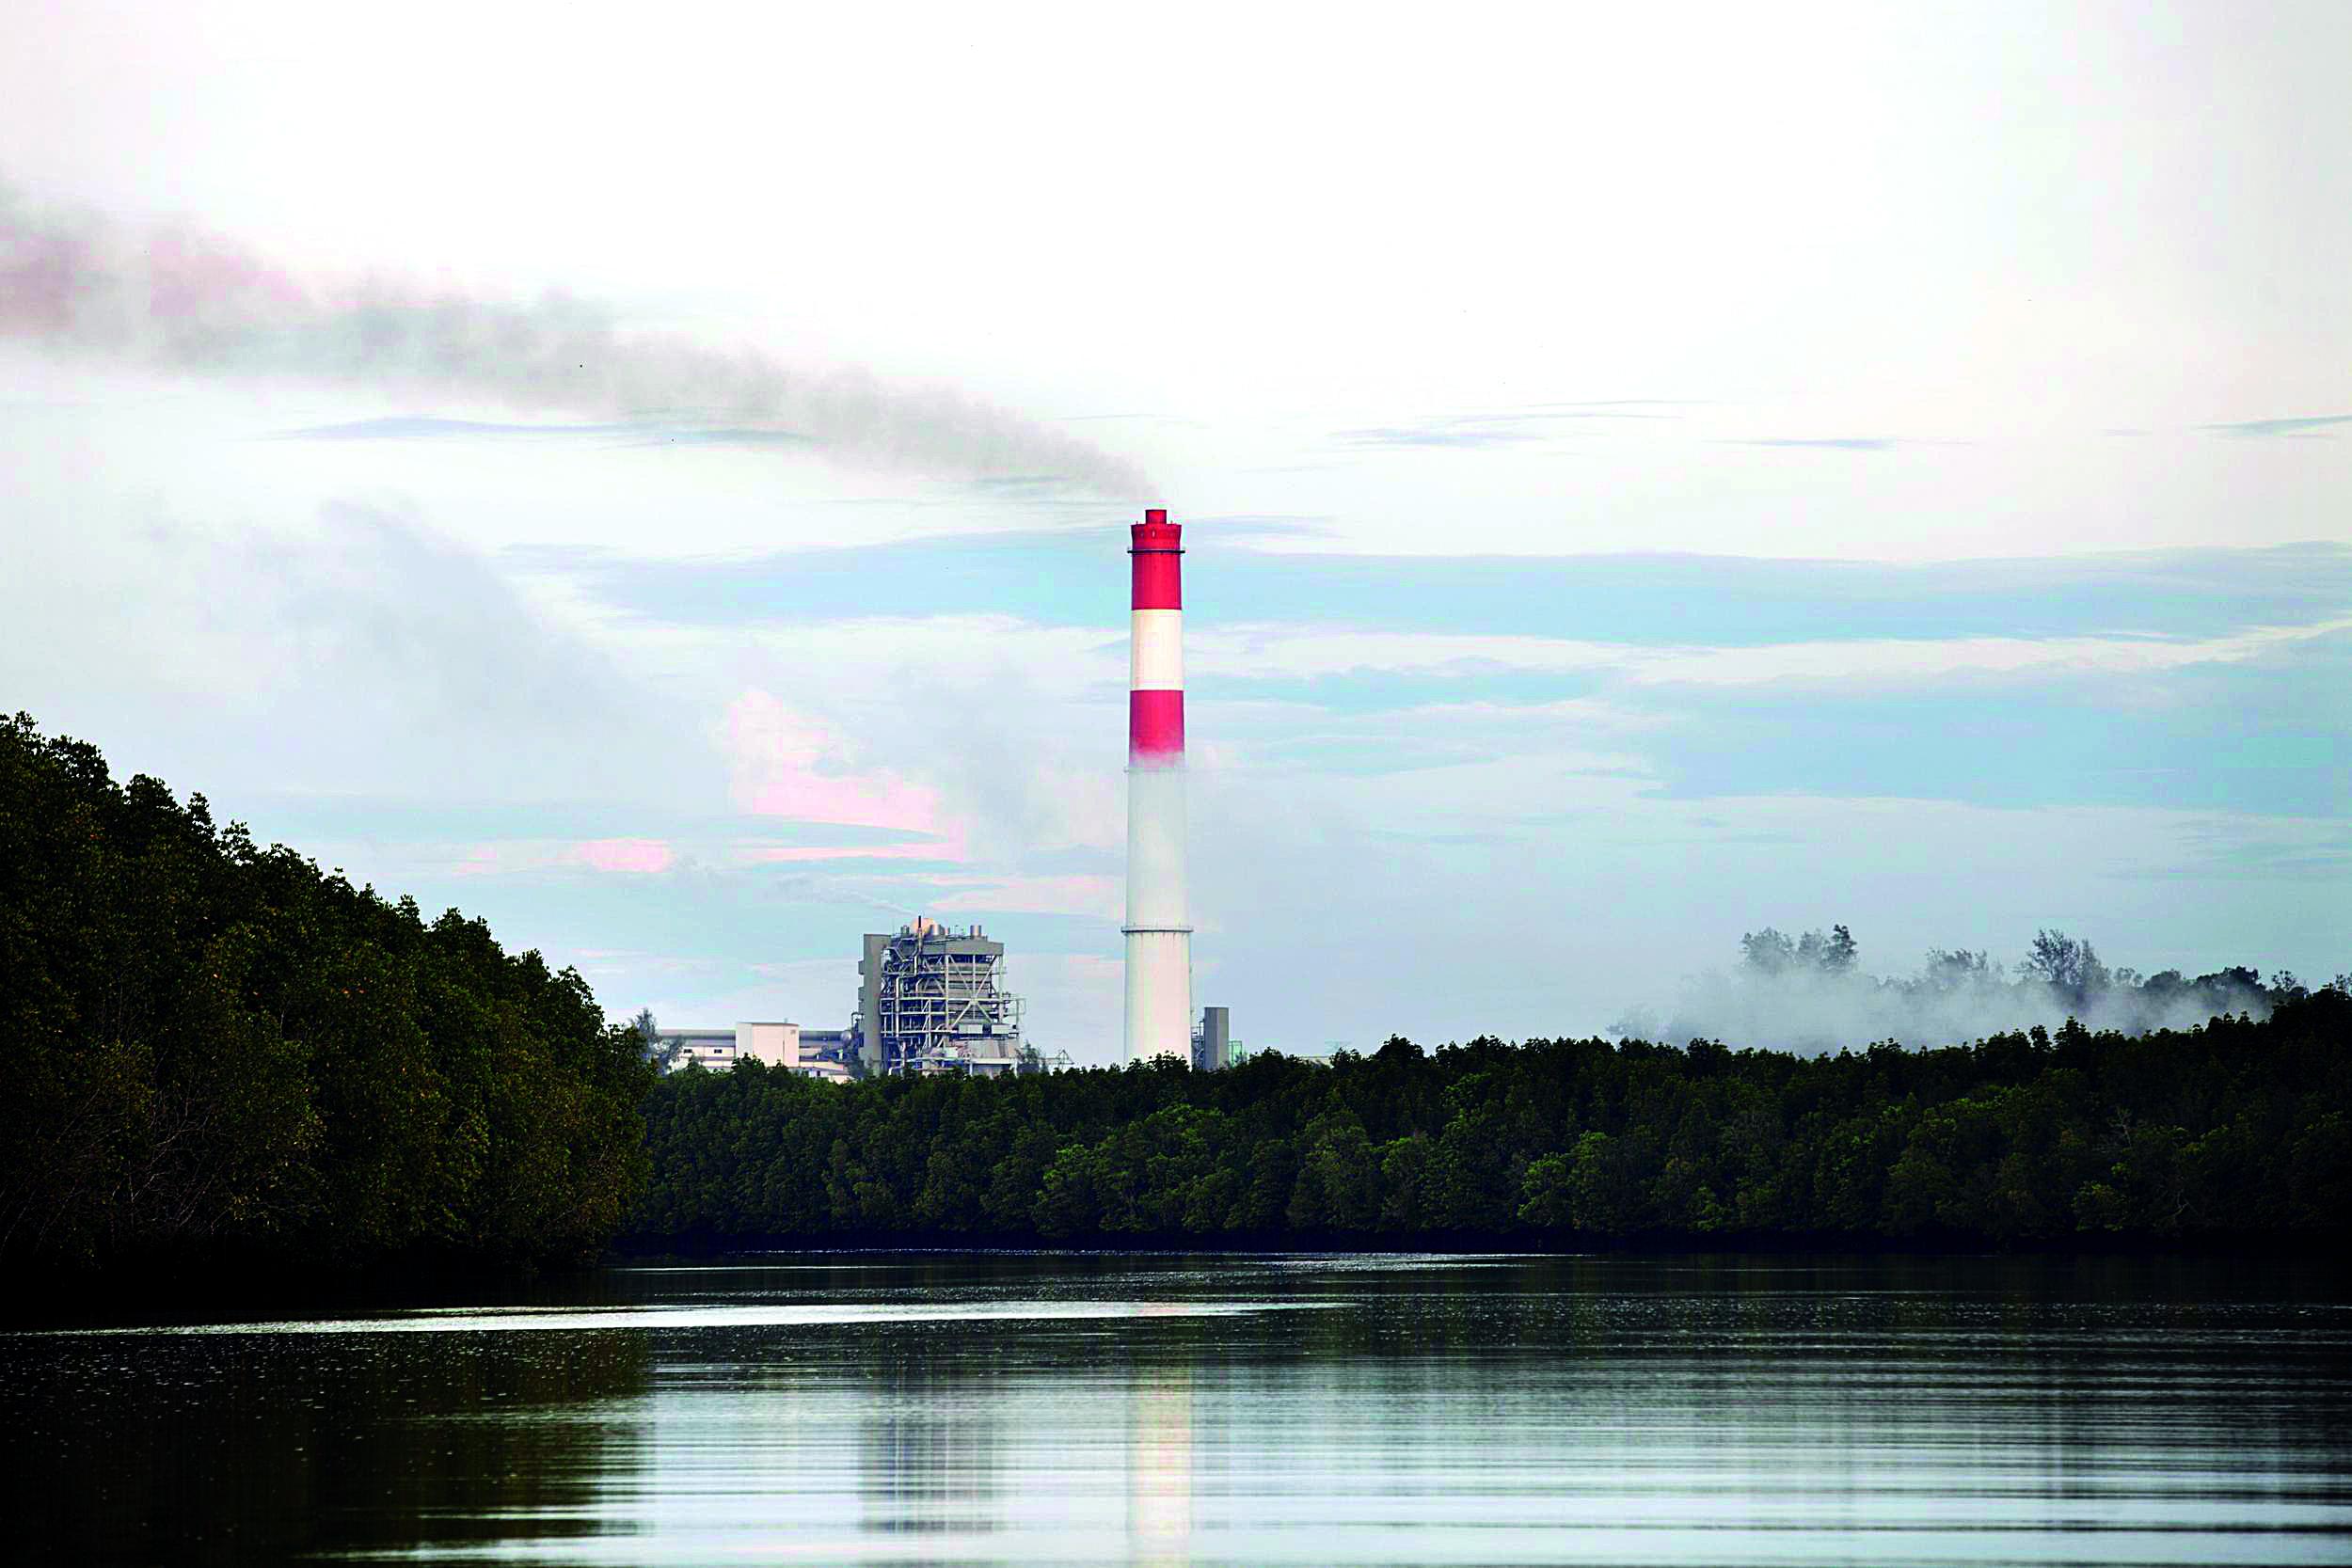 โรงไฟฟ้ากระบี่ติดคลองปกาสัย อาจเป็นที่ตั้งของโรงไฟฟ้าใหม่ที่ใช้เชื้อเพลิงถ่านหิน